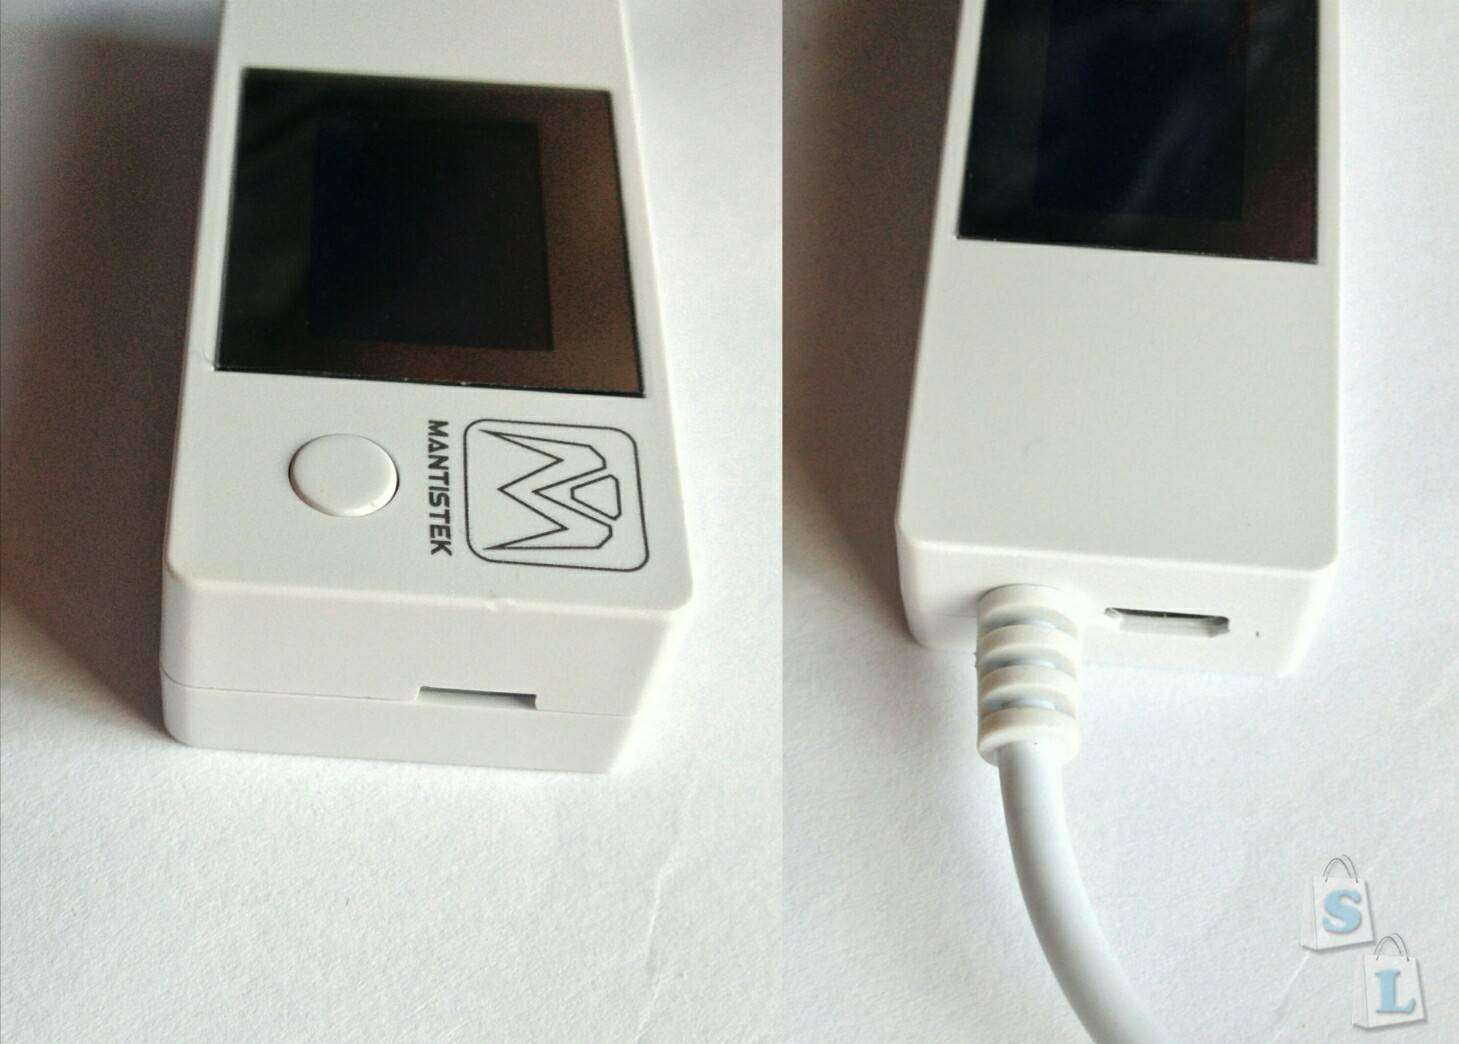 Banggood: USB doctor. Обзор тестера MantisTek cw3002d.